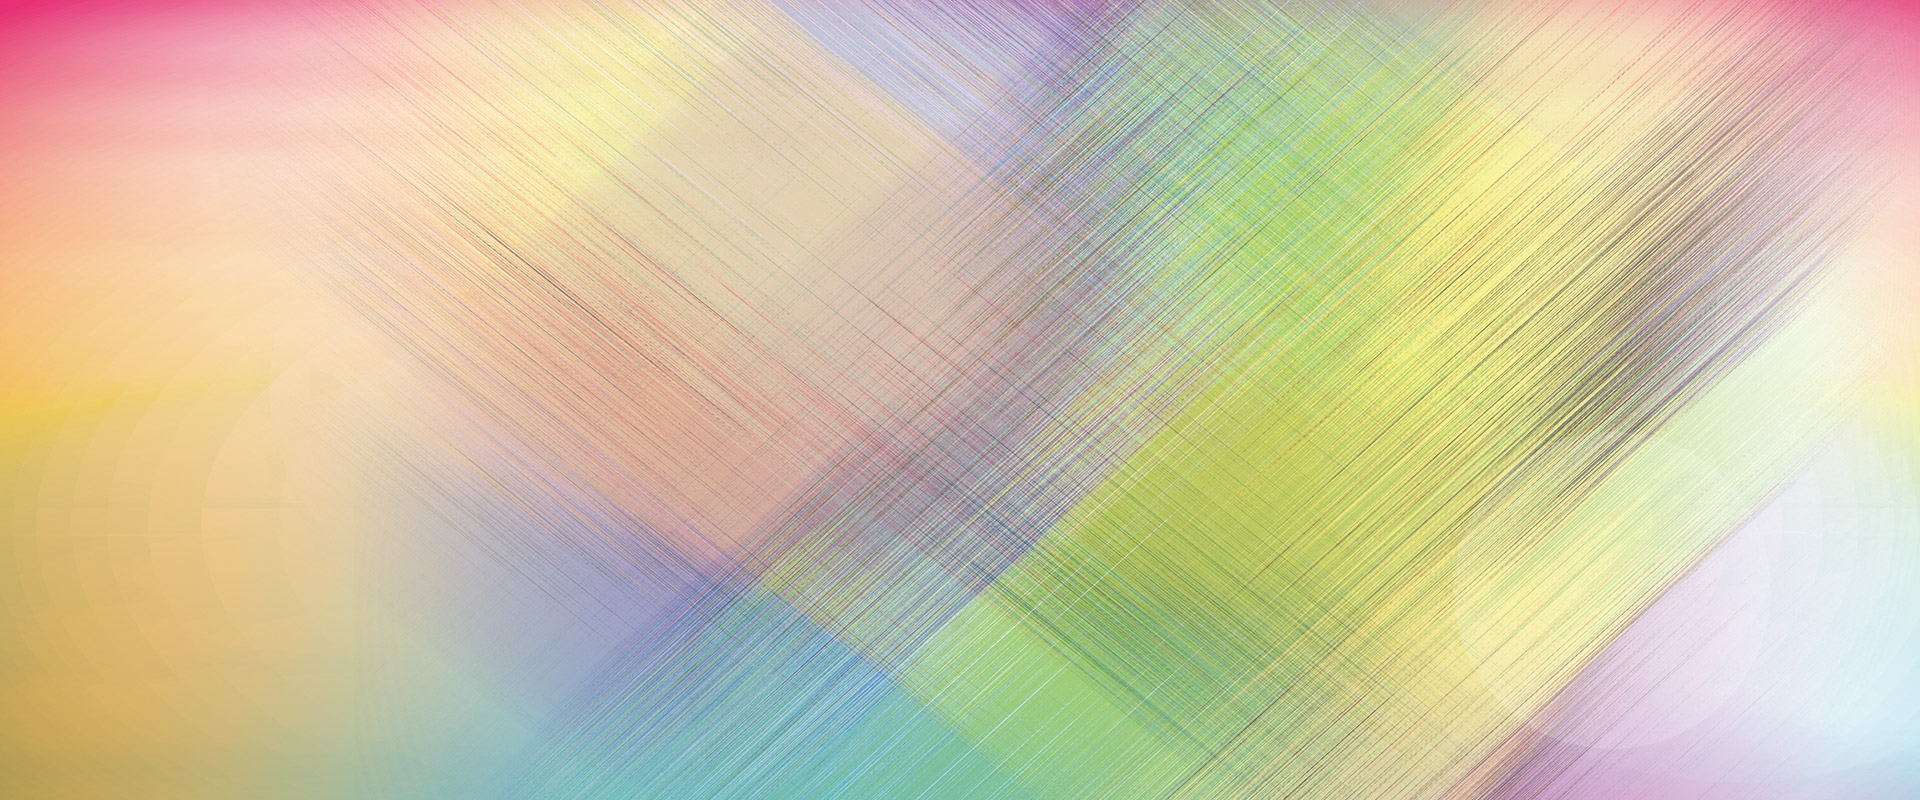 color u00e9 r u00e9sum u00e9 contexte la texture  u00ab fractal graphique